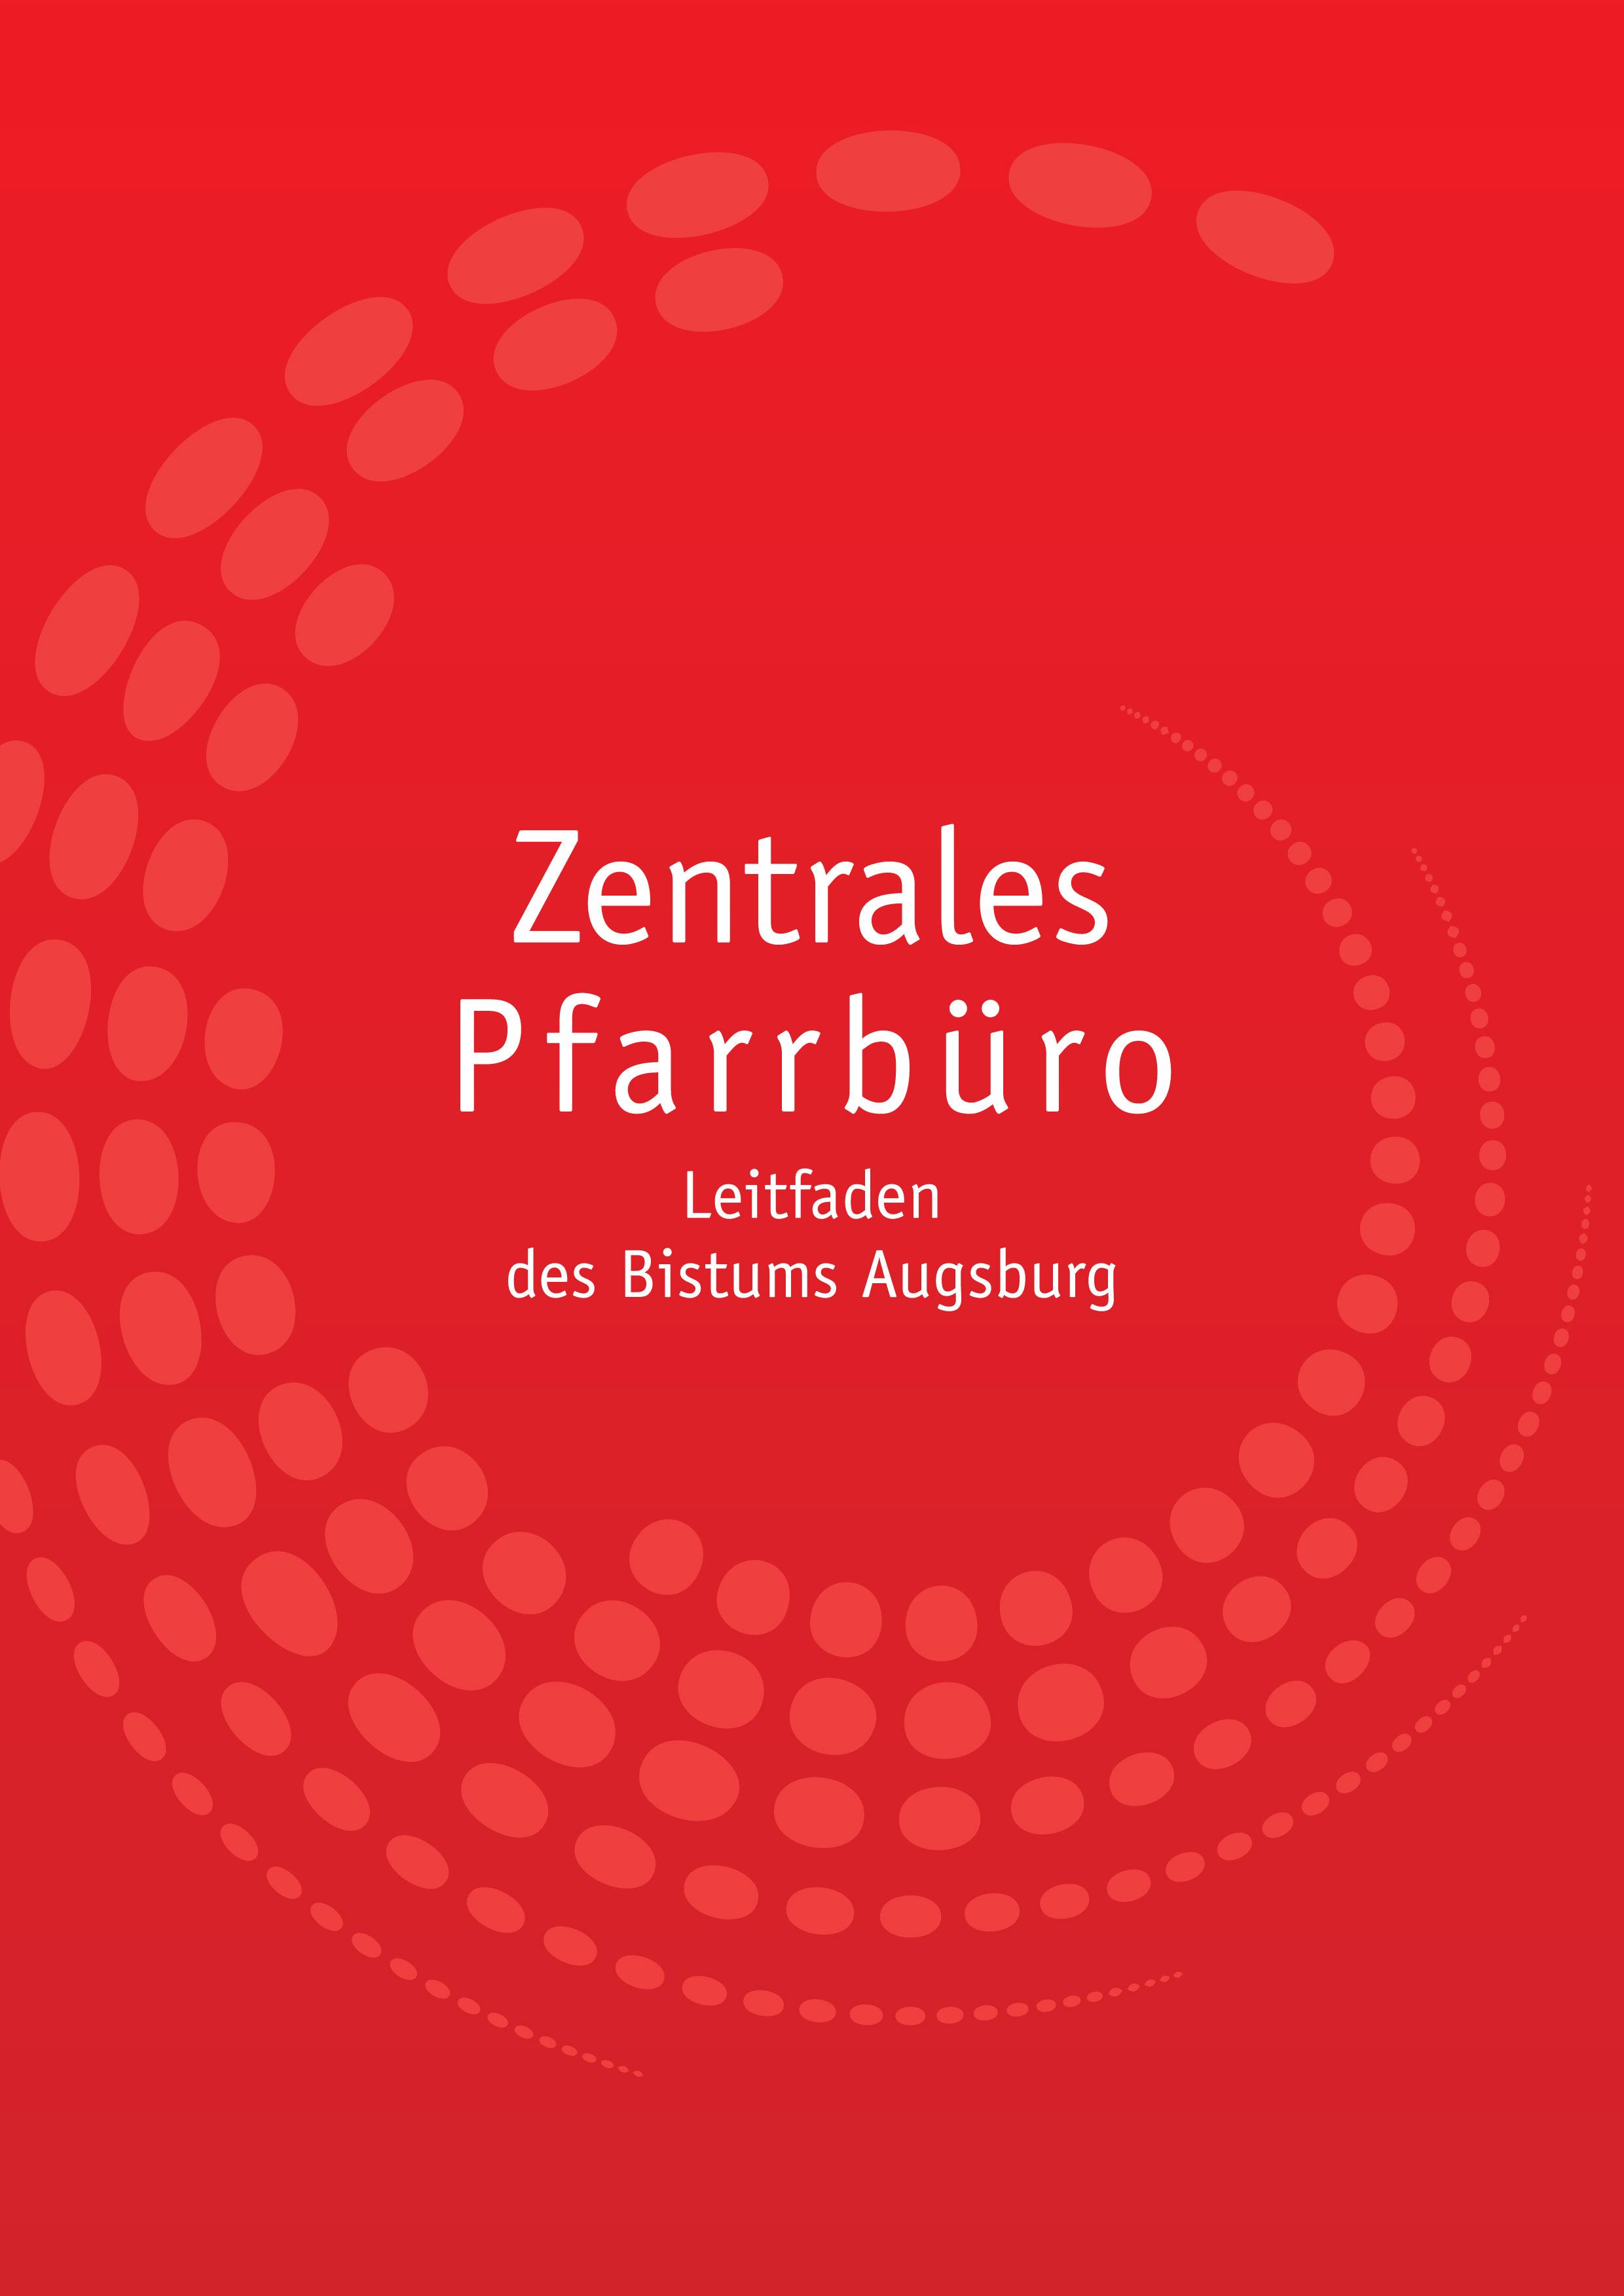 Zentrales Pfarrbüro: Neuer Leitfaden des Bistums Augsburg